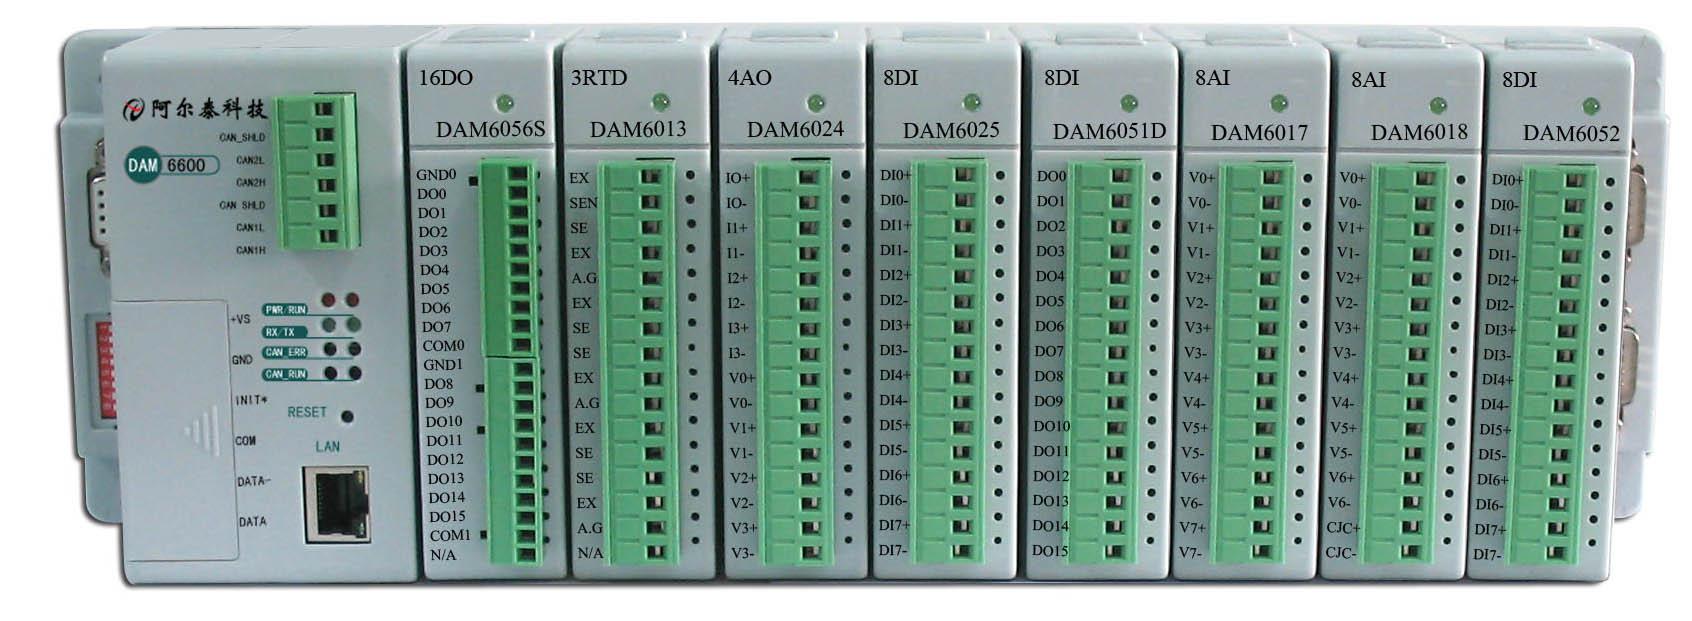 自动数据流控制,并内置rs-232通讯传输速率可达115200bps10/100base-.